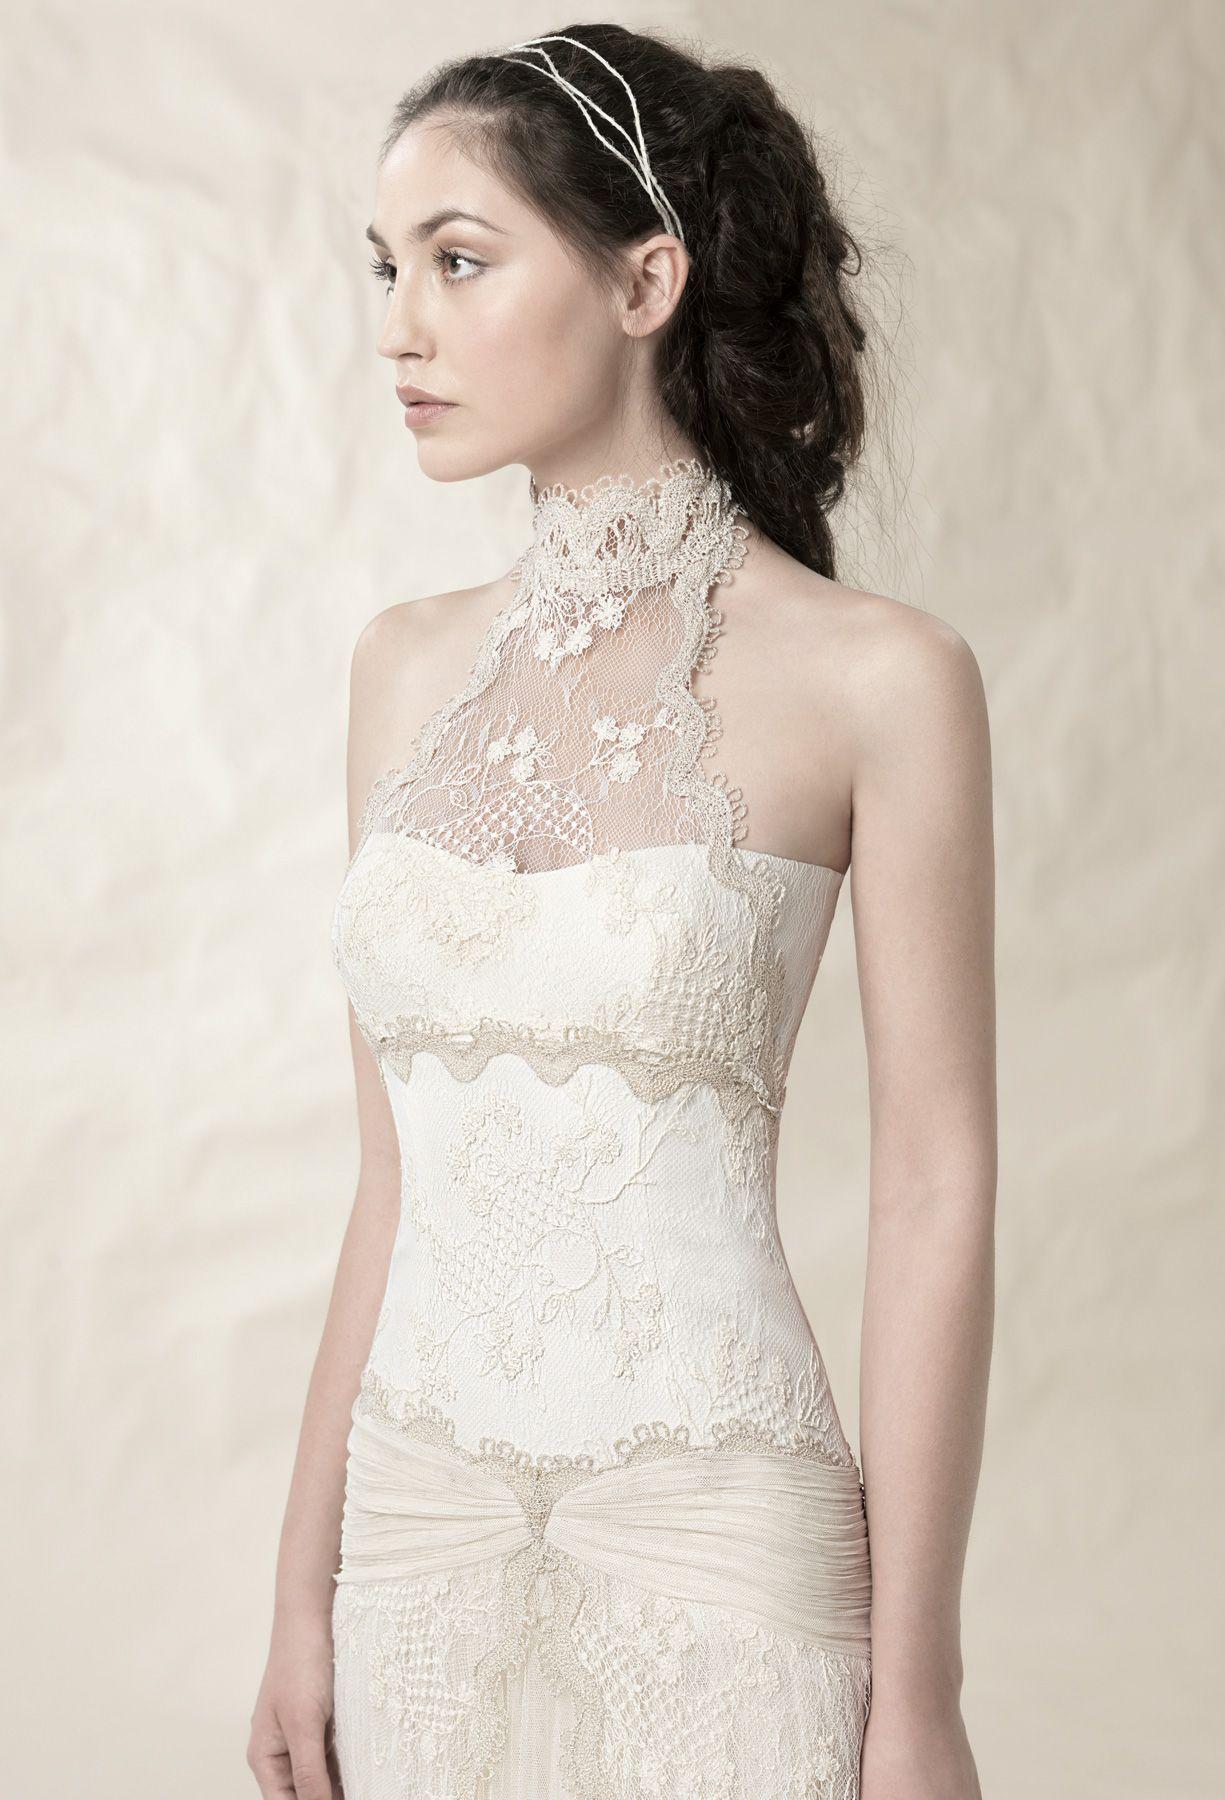 Vendo mi precioso vestido del diseñador Jose Mº Peiro. El cuello es ...